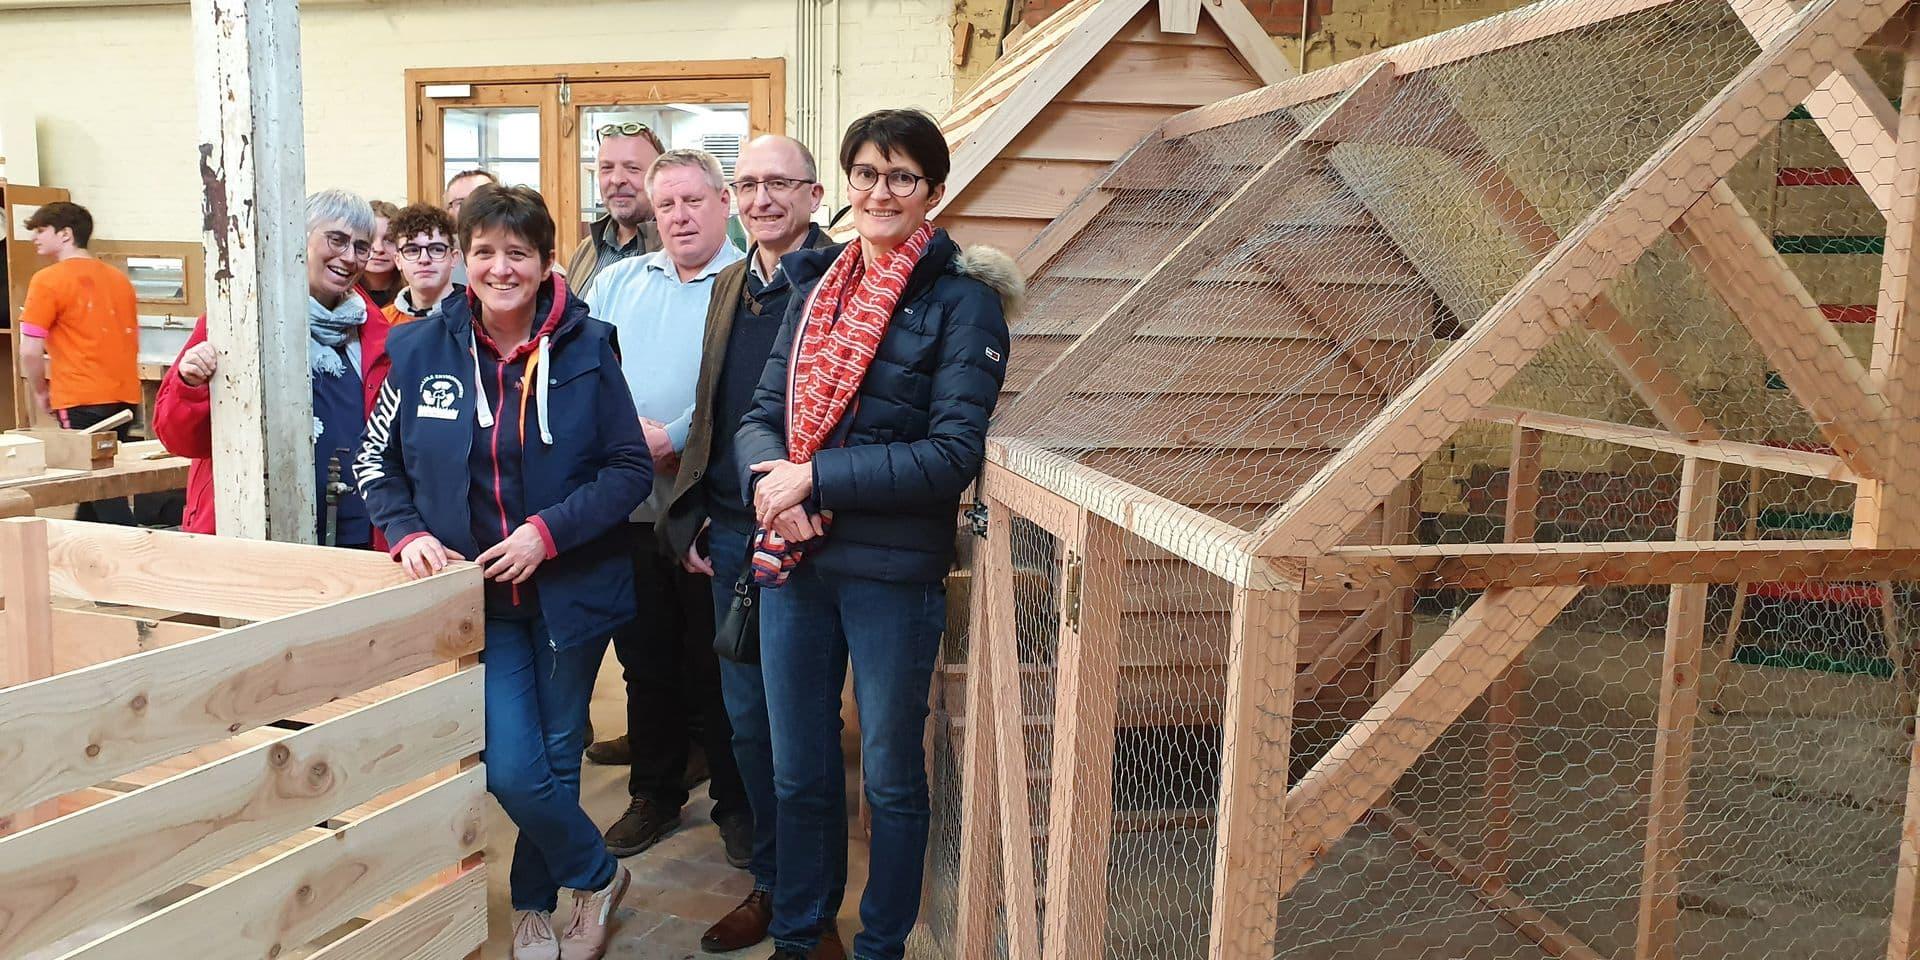 Les poules arrivent dans les écoles de Mouscron